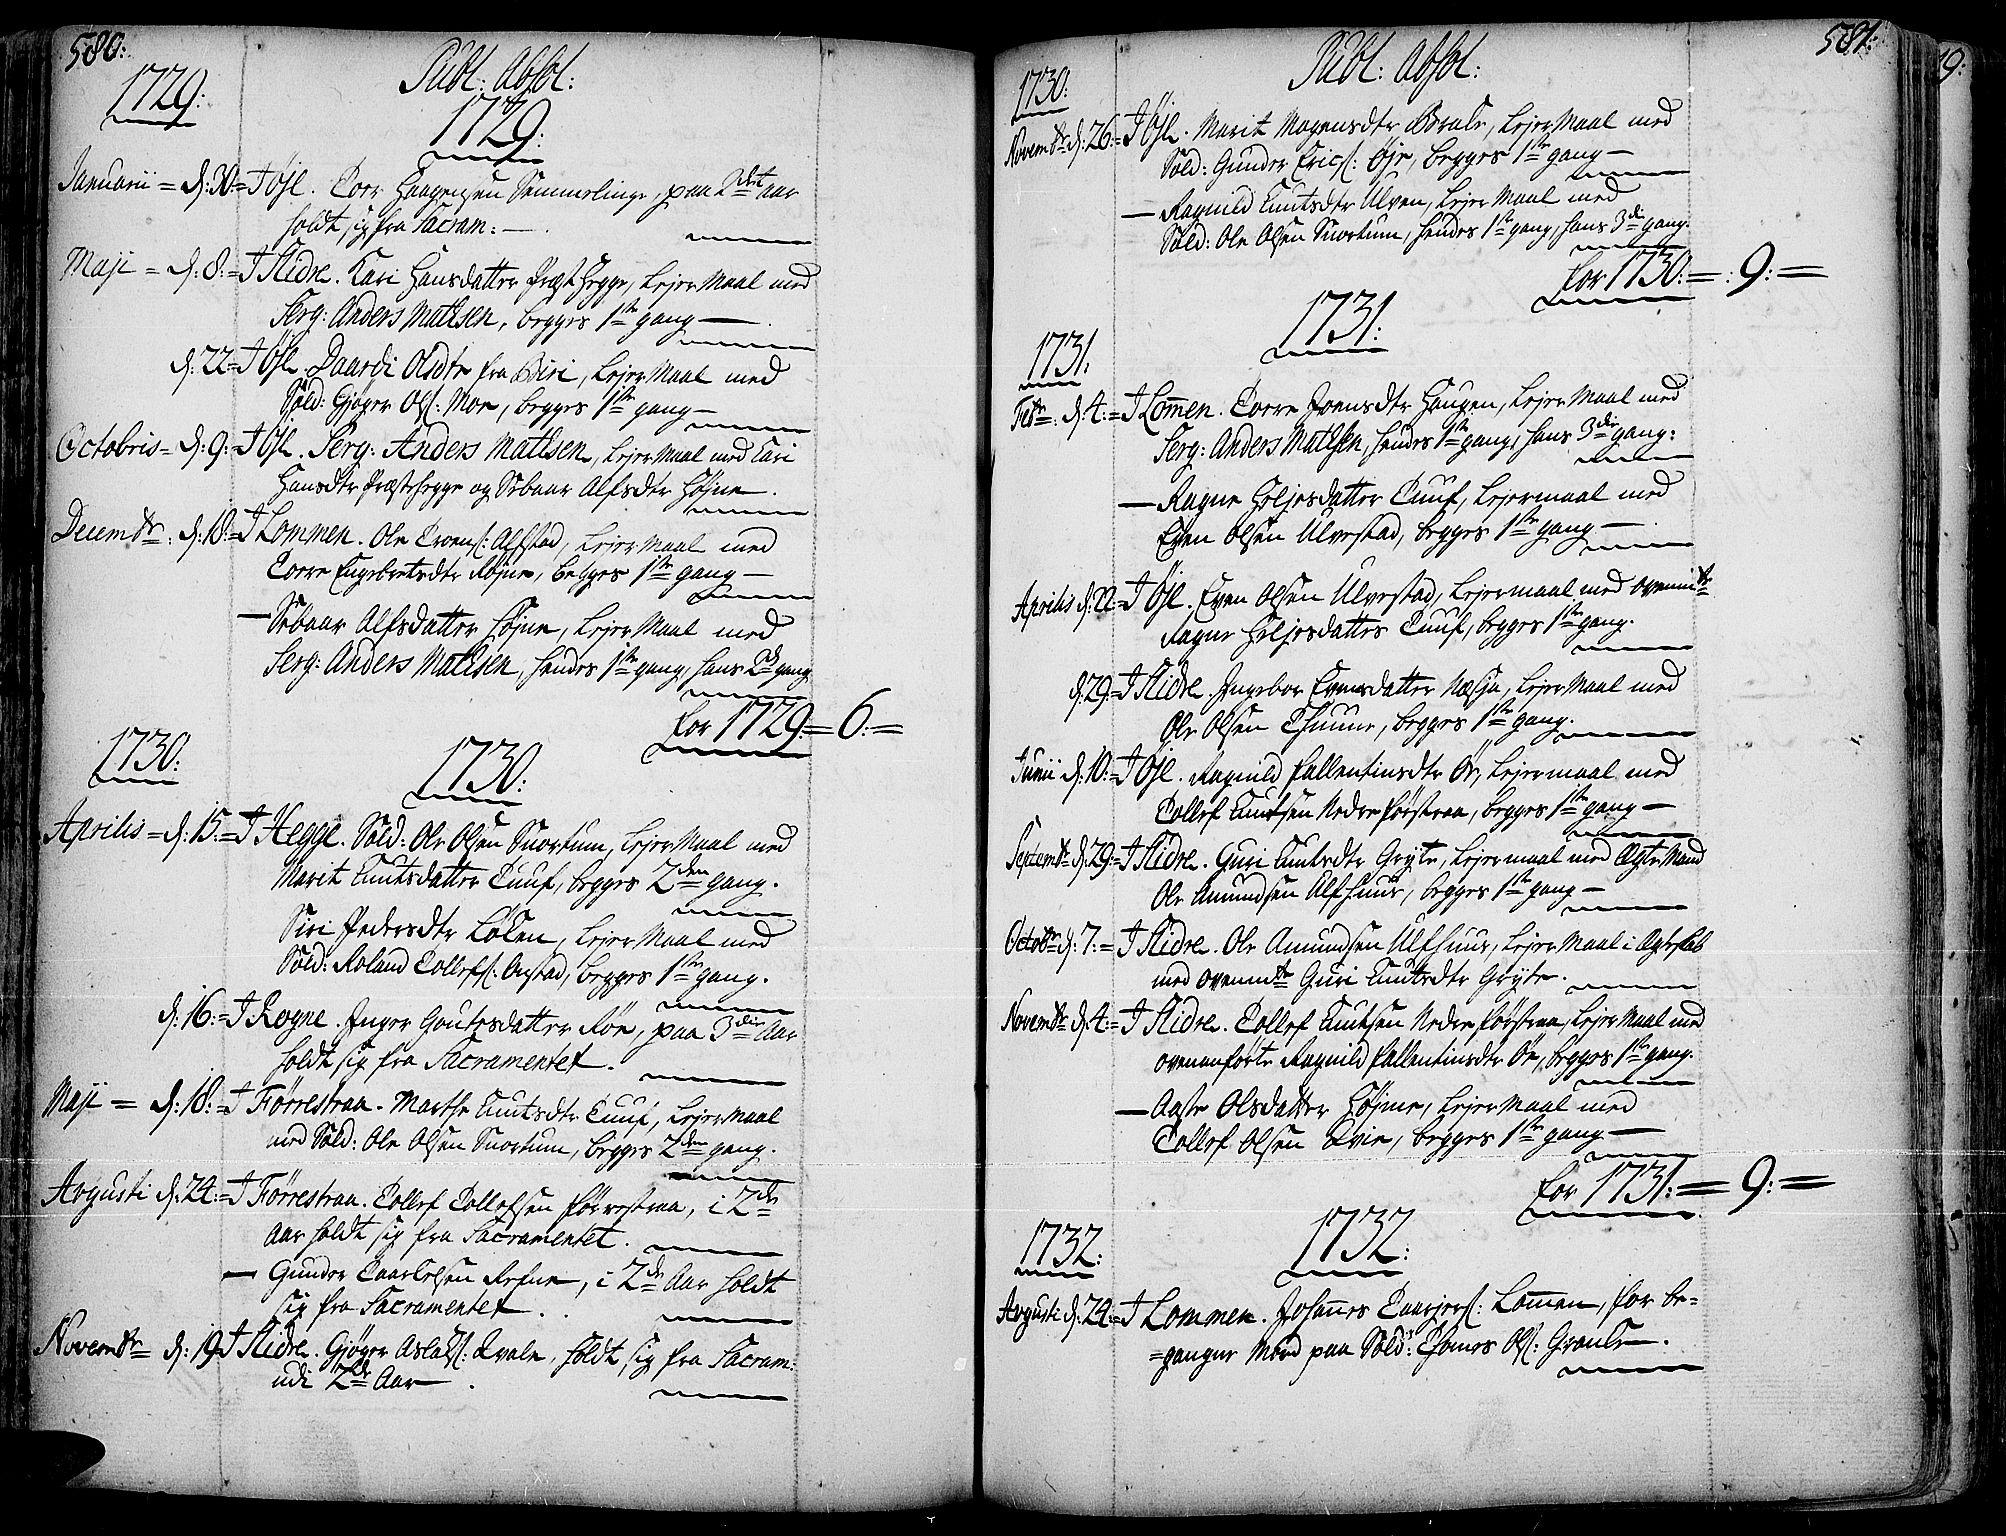 SAH, Slidre prestekontor, Ministerialbok nr. 1, 1724-1814, s. 580-581